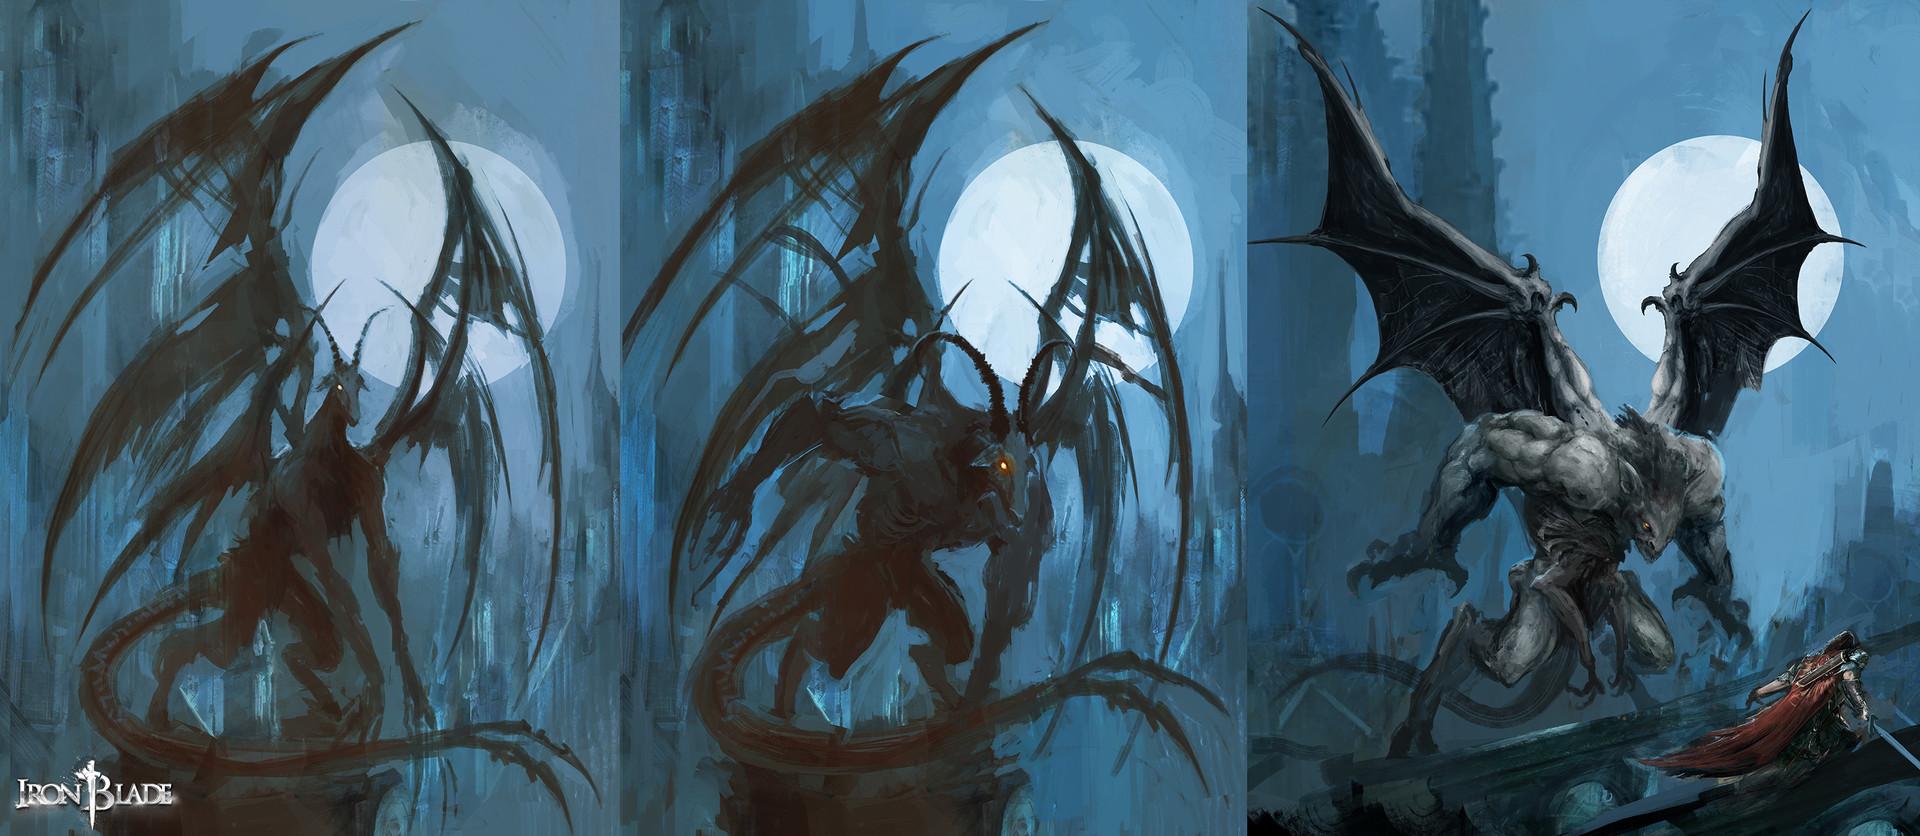 Alexandre chaudret gca creature gargoyle 01